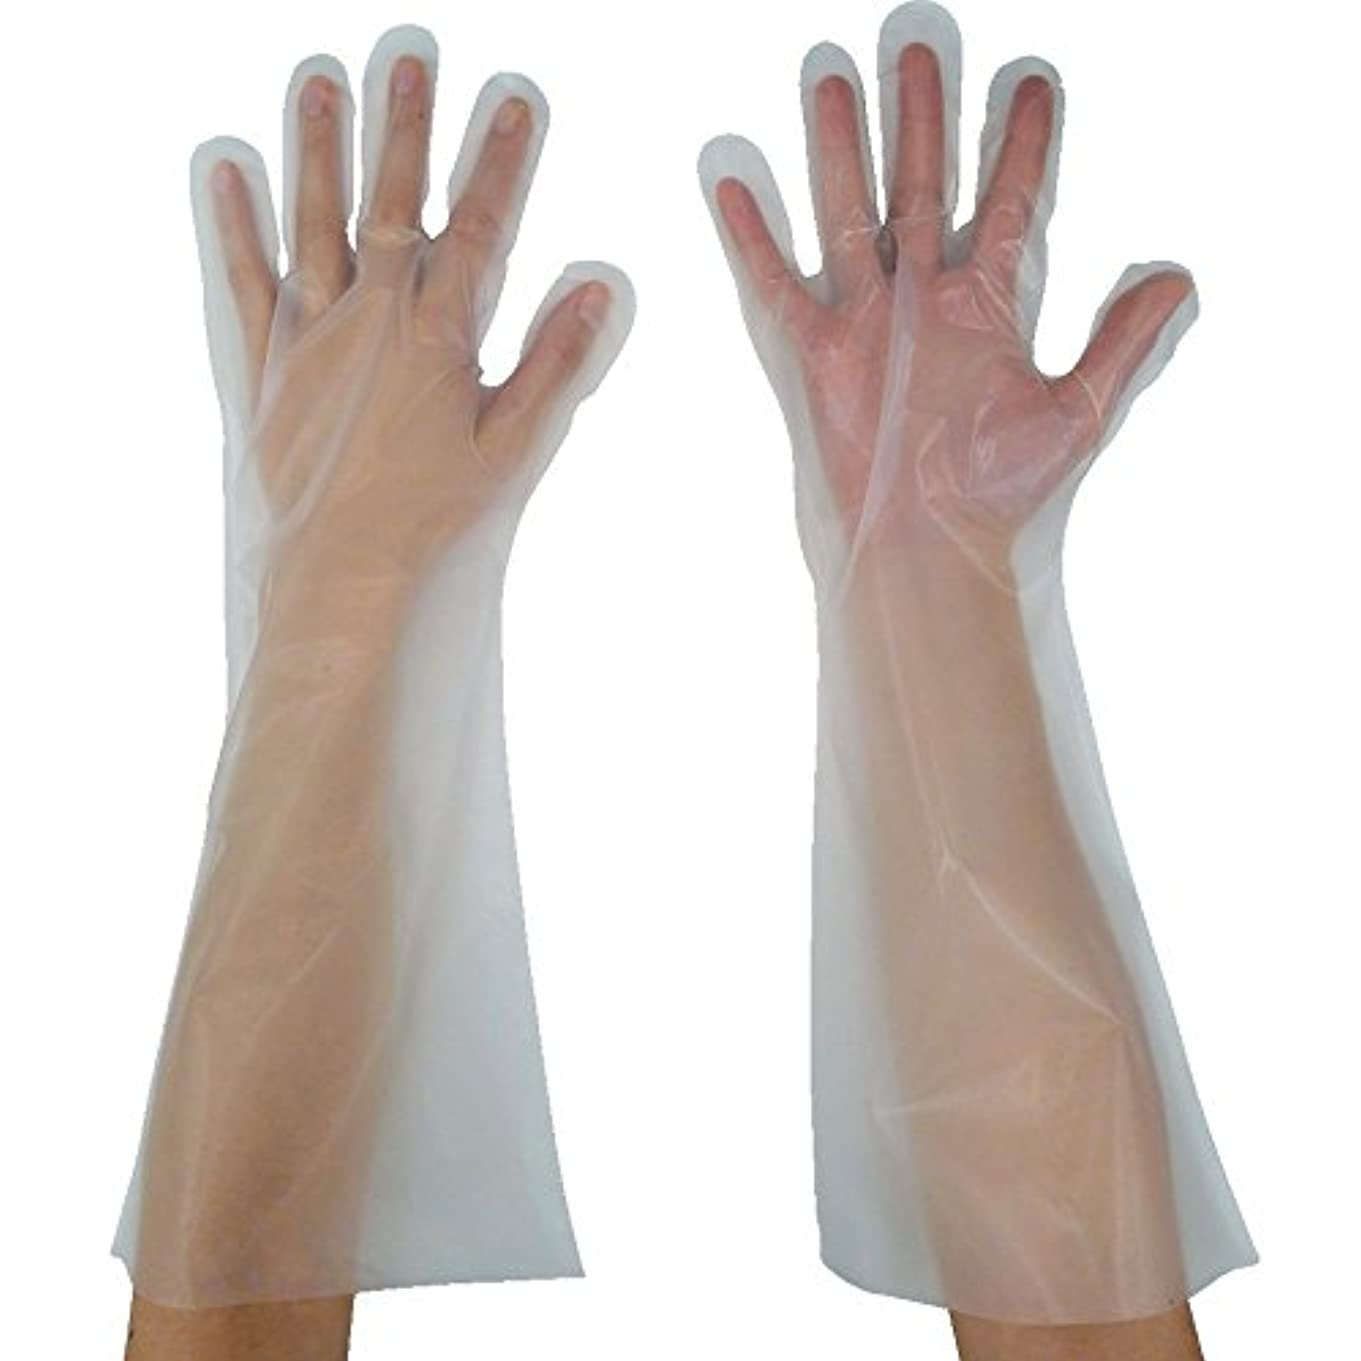 から要求サーバント東京パック 緊急災害対策用手袋ロング五本絞りS 半透明 KL-S ポリエチレン使い捨て手袋